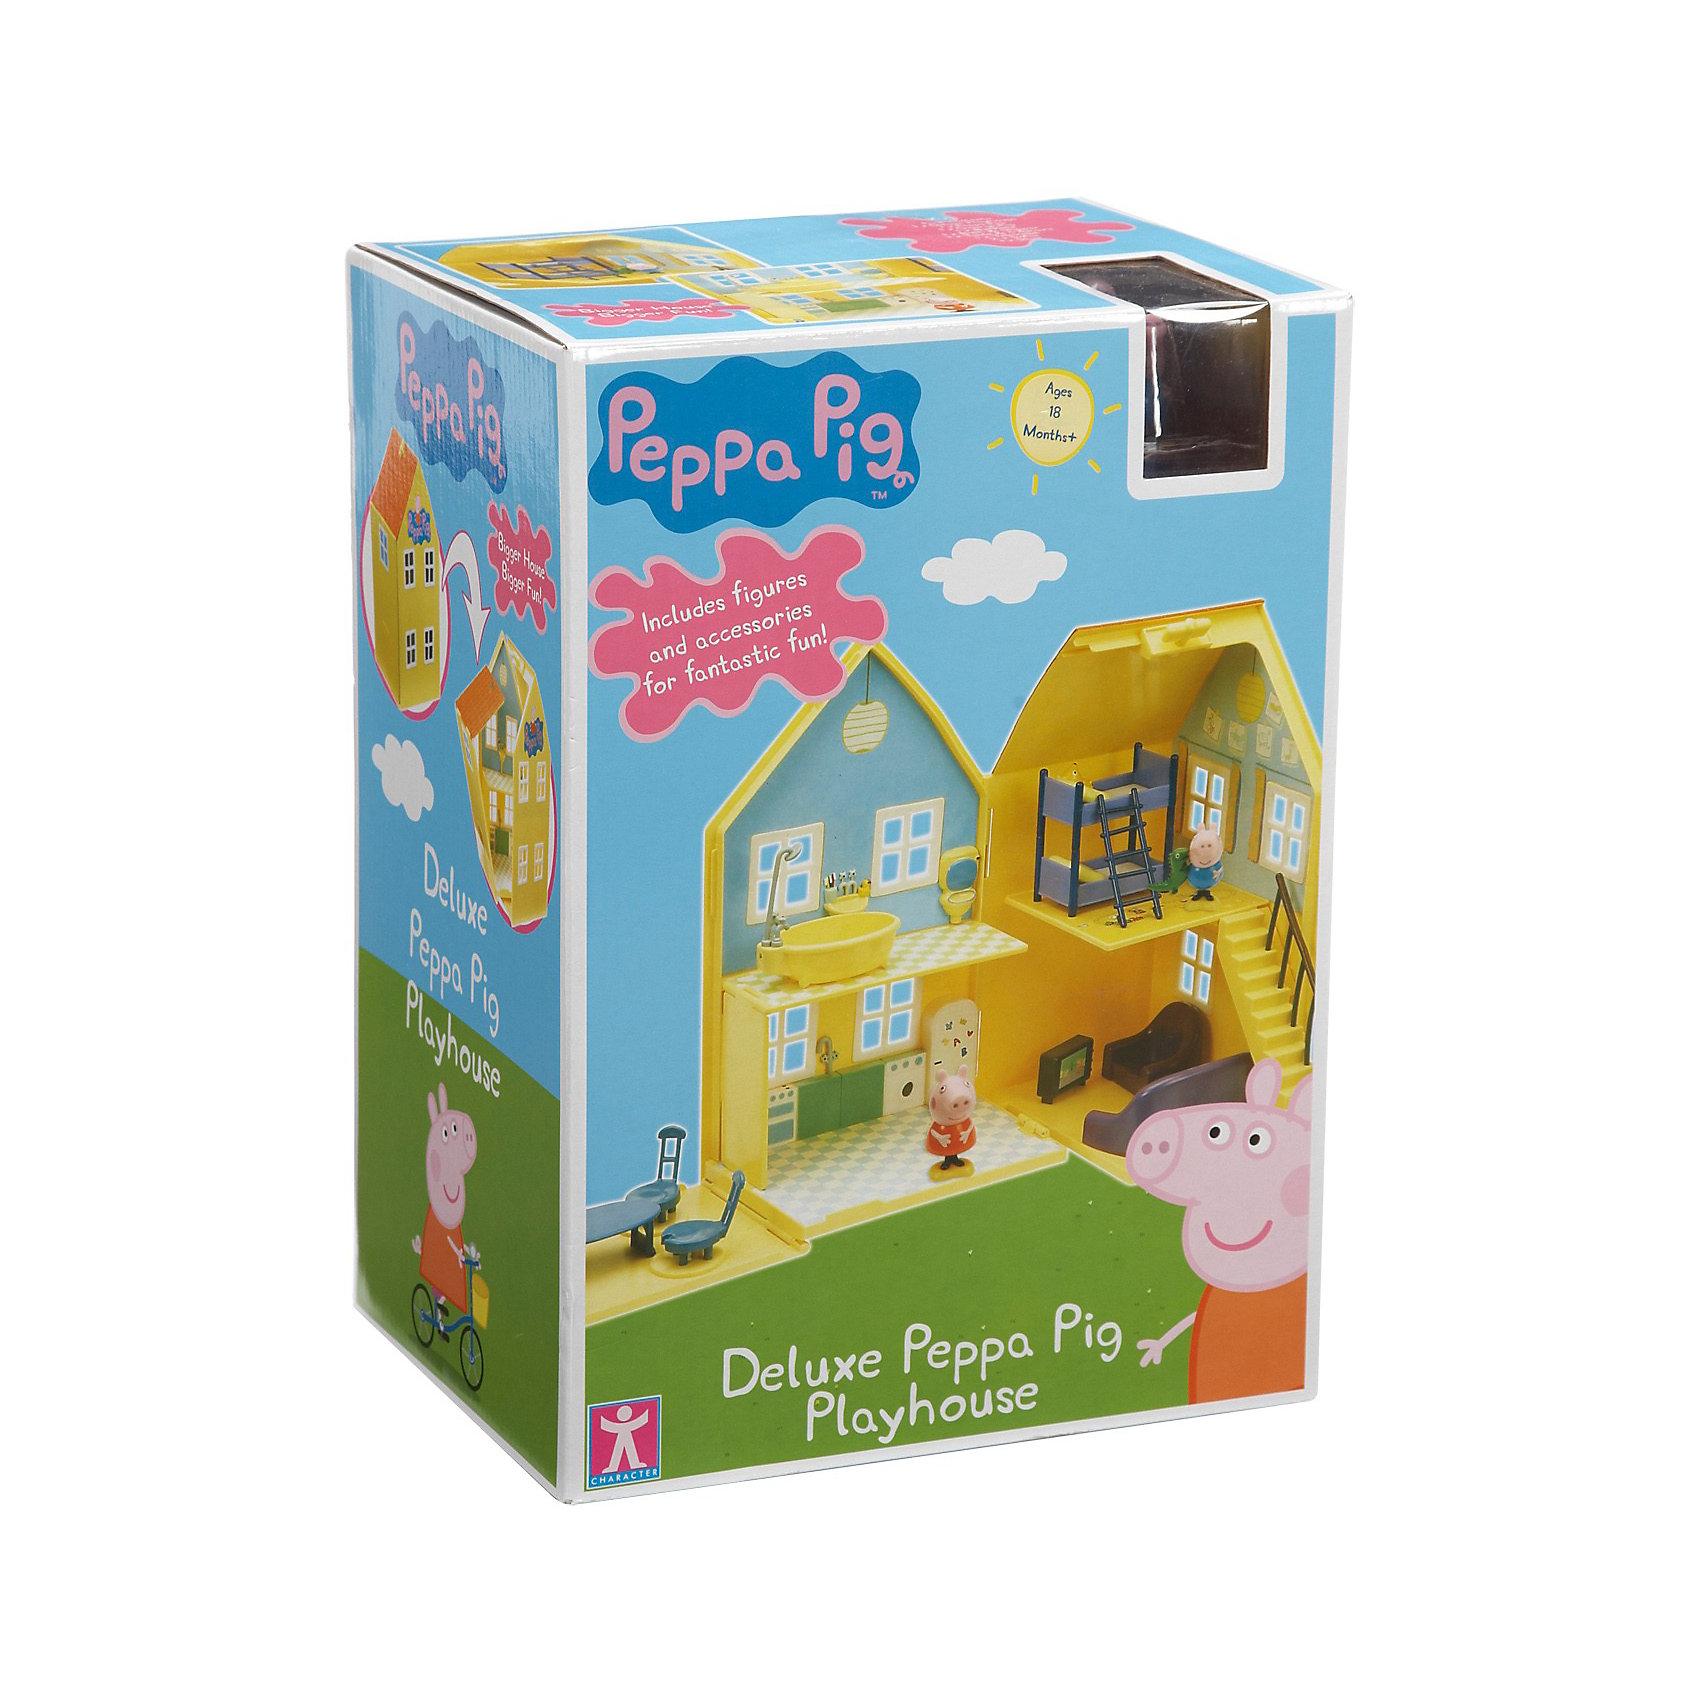 Игровой набор Домик Пеппы, Свинка ПеппаИгровой набор Домик Пеппы, Свинка Пеппа<br><br>Коллекция игрушек Peppa Pig создана на основе мультипликационного фильма про веселые приключения Свинки  Пеппы и ее семьи и друзей. <br><br>Дополнительная информация:<br><br>Размер домика в сложенном виде: 18,5 х 14,5 х 31,5 см.<br>Размер домика в развернутом виде: 72,5 х 14,5 х 31,5 см.<br>Размеры упаковки: 18 х 24 х 33,5 см.<br>В наборе: домик раскладывающийся, мебель (кровать, диван, кресло, телевизор, стол, стулья), фигурка Пеппы и Джорджа.<br>Упаковка - коробка с окном.<br><br>Игровой набор Домик Пеппы, Свинка Пеппа можно купить в нашем интернет - магазине.<br><br>Ширина мм: 335<br>Глубина мм: 240<br>Высота мм: 180<br>Вес г: 1270<br>Возраст от месяцев: 36<br>Возраст до месяцев: 72<br>Пол: Женский<br>Возраст: Детский<br>SKU: 3458423